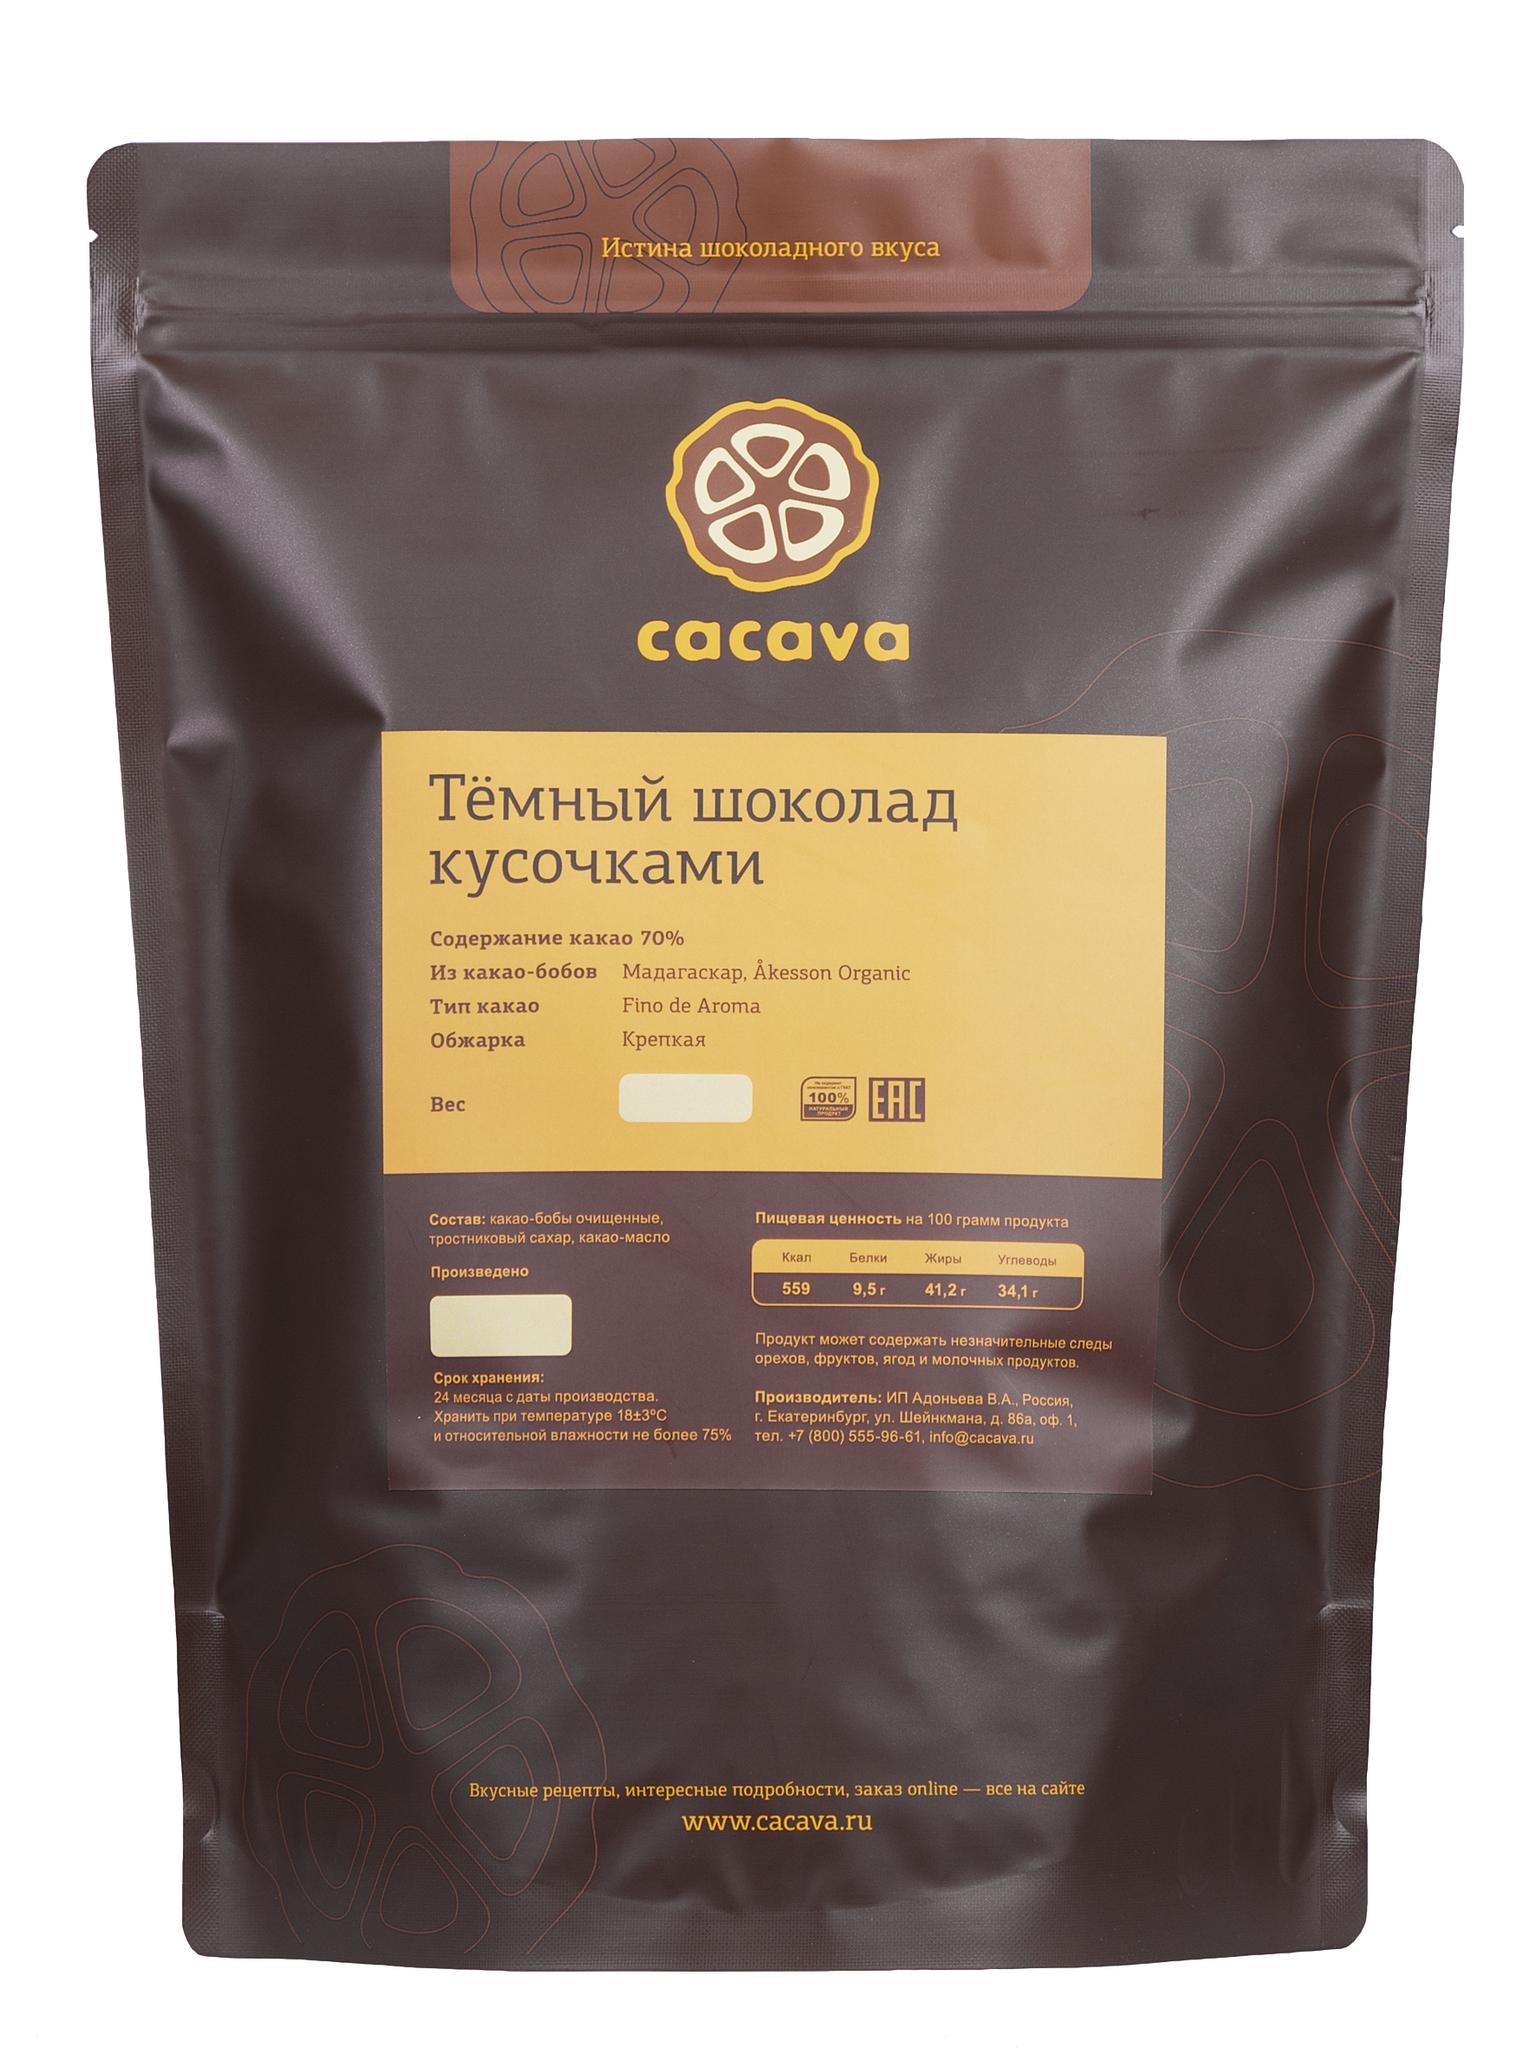 Тёмный шоколад 70 % какао ((Мадагаскар, Åkesson), упаковка 1 кг